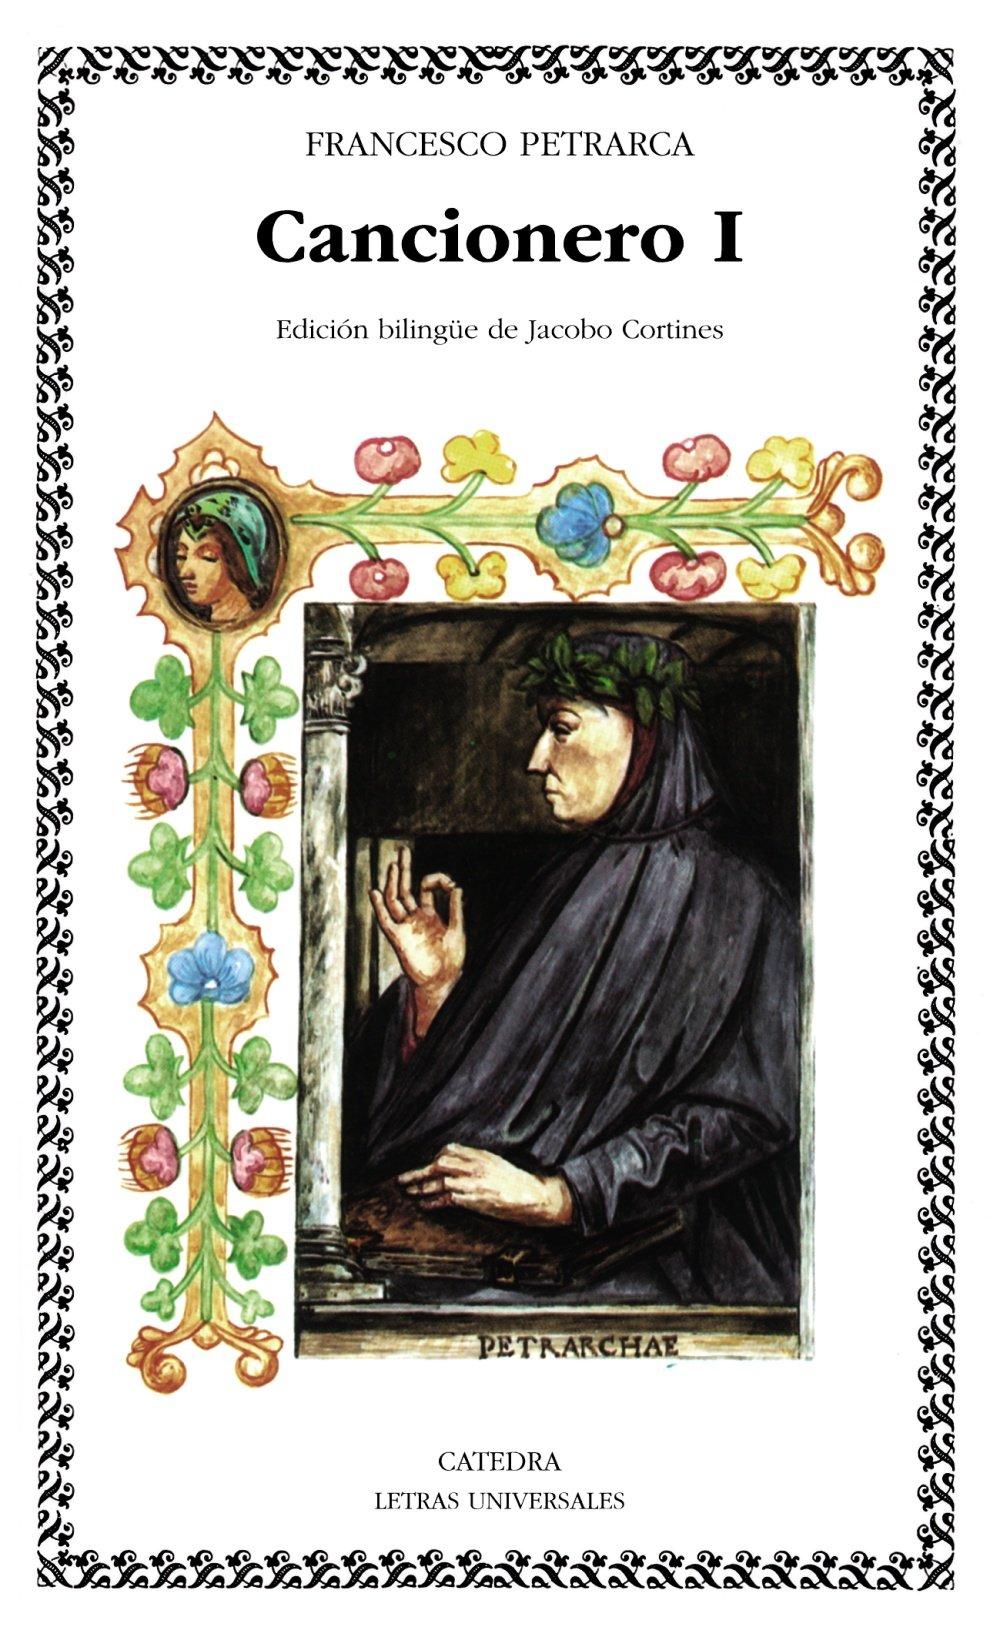 Cancionero, I (Letras Universales): Amazon.es: Francesco Petrarca: Libros